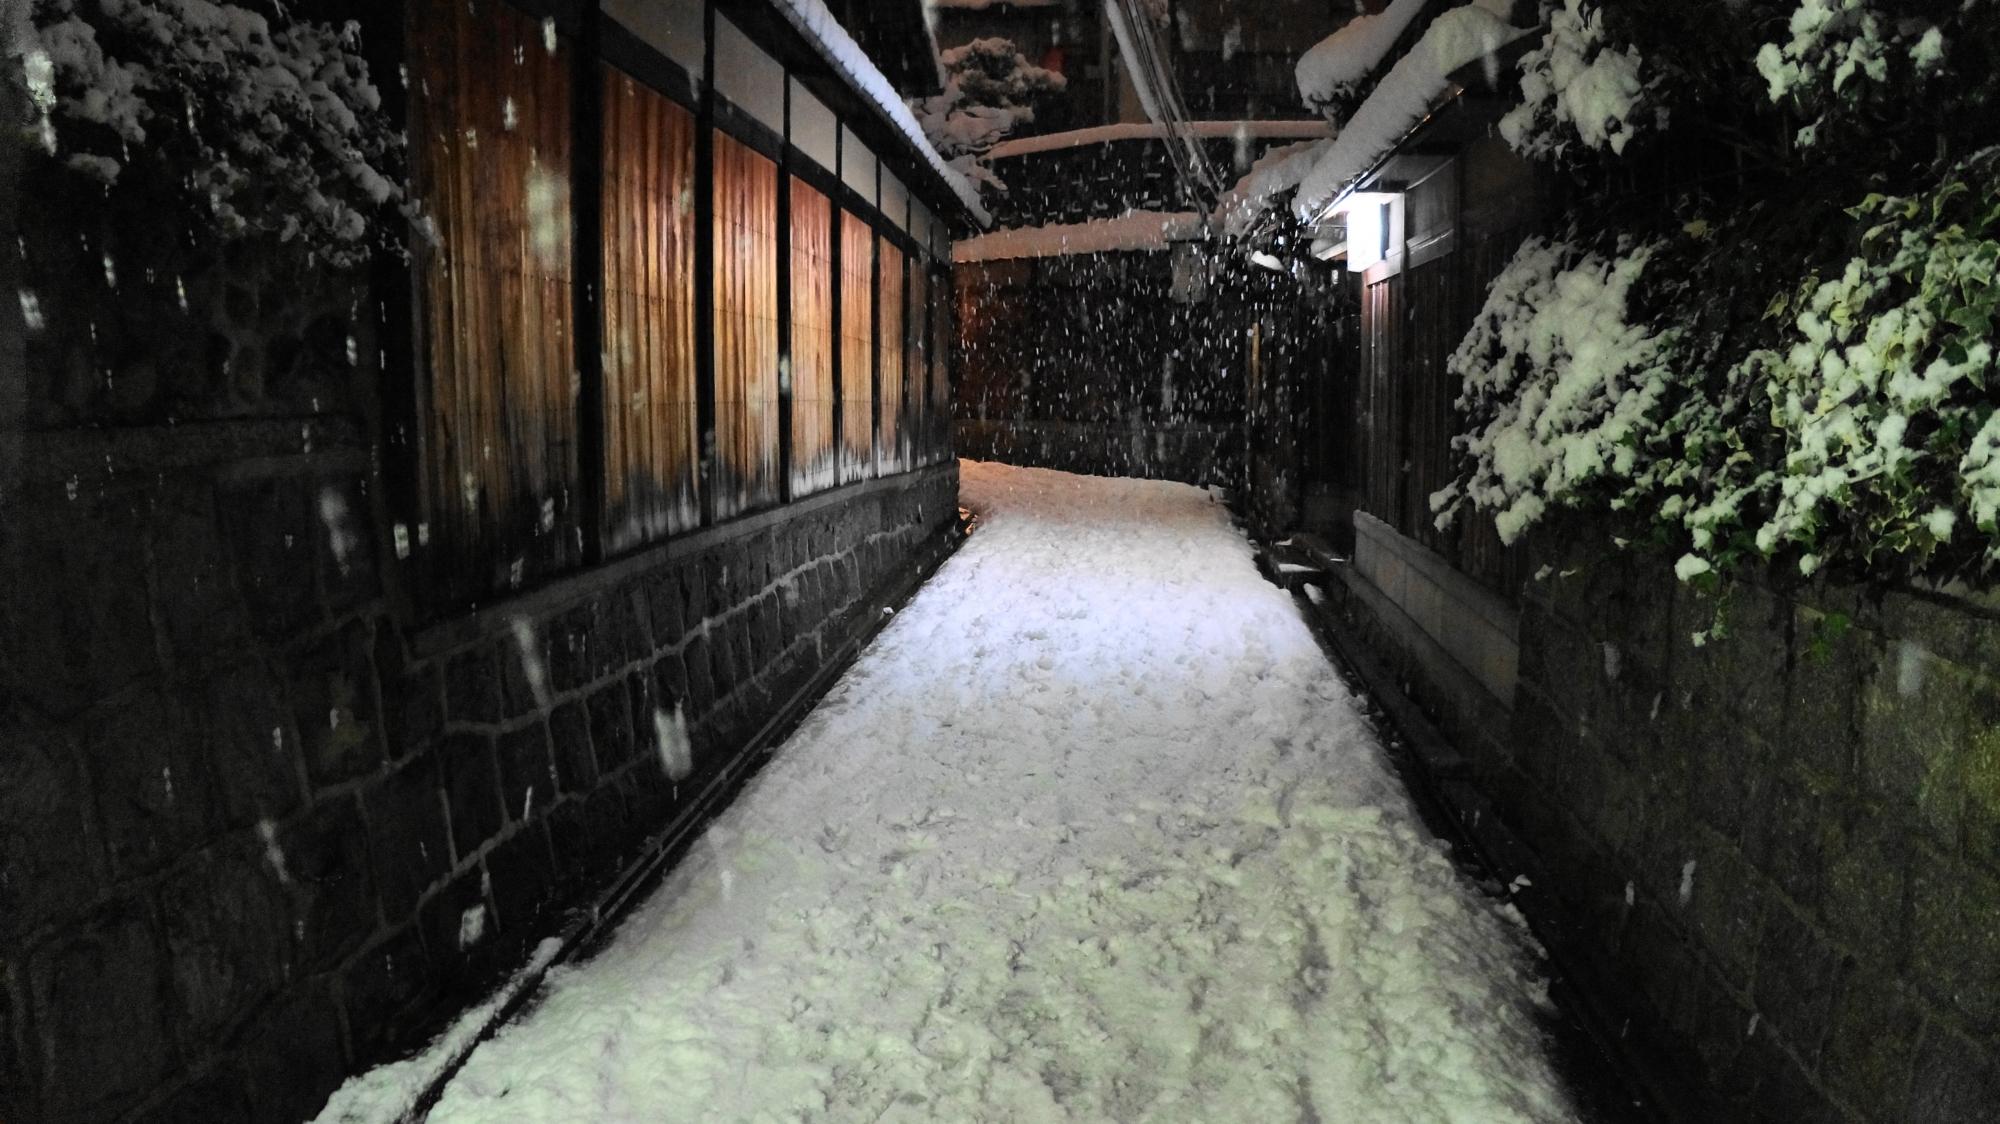 石塀と木の塀に囲まれた雪の隠れ道